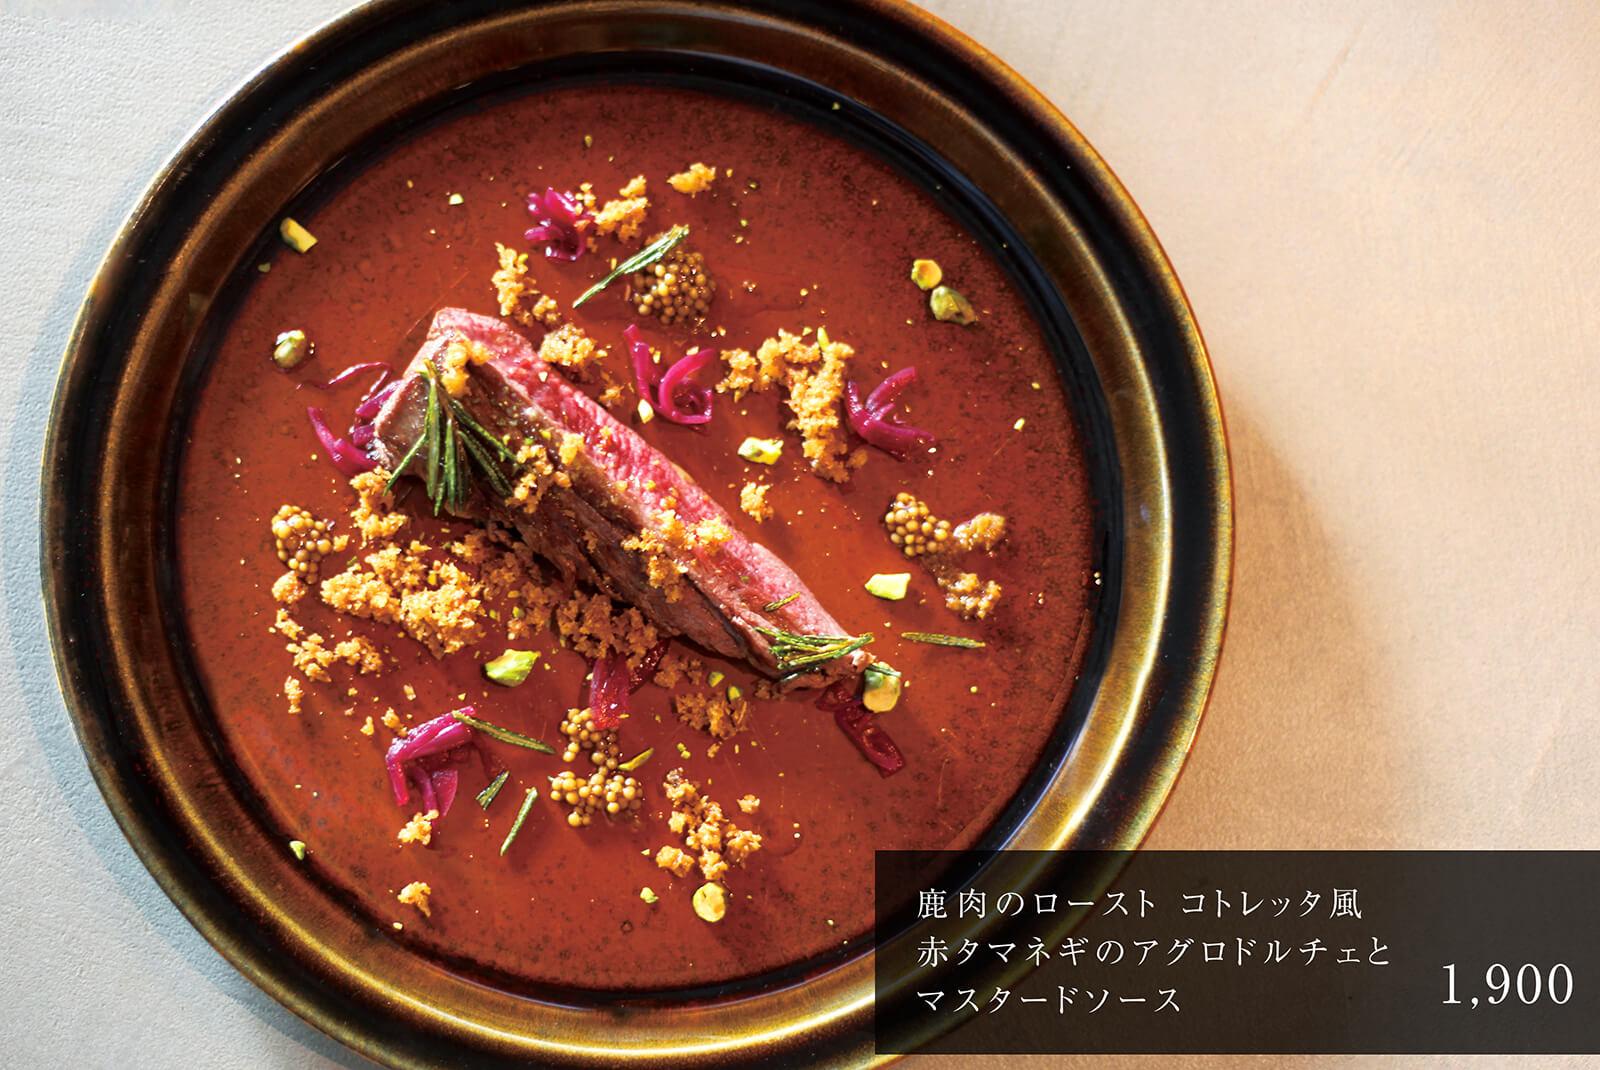 鹿肉のロースト コトレッタ風 赤タマネギのアグロドルチェとマスタードソース